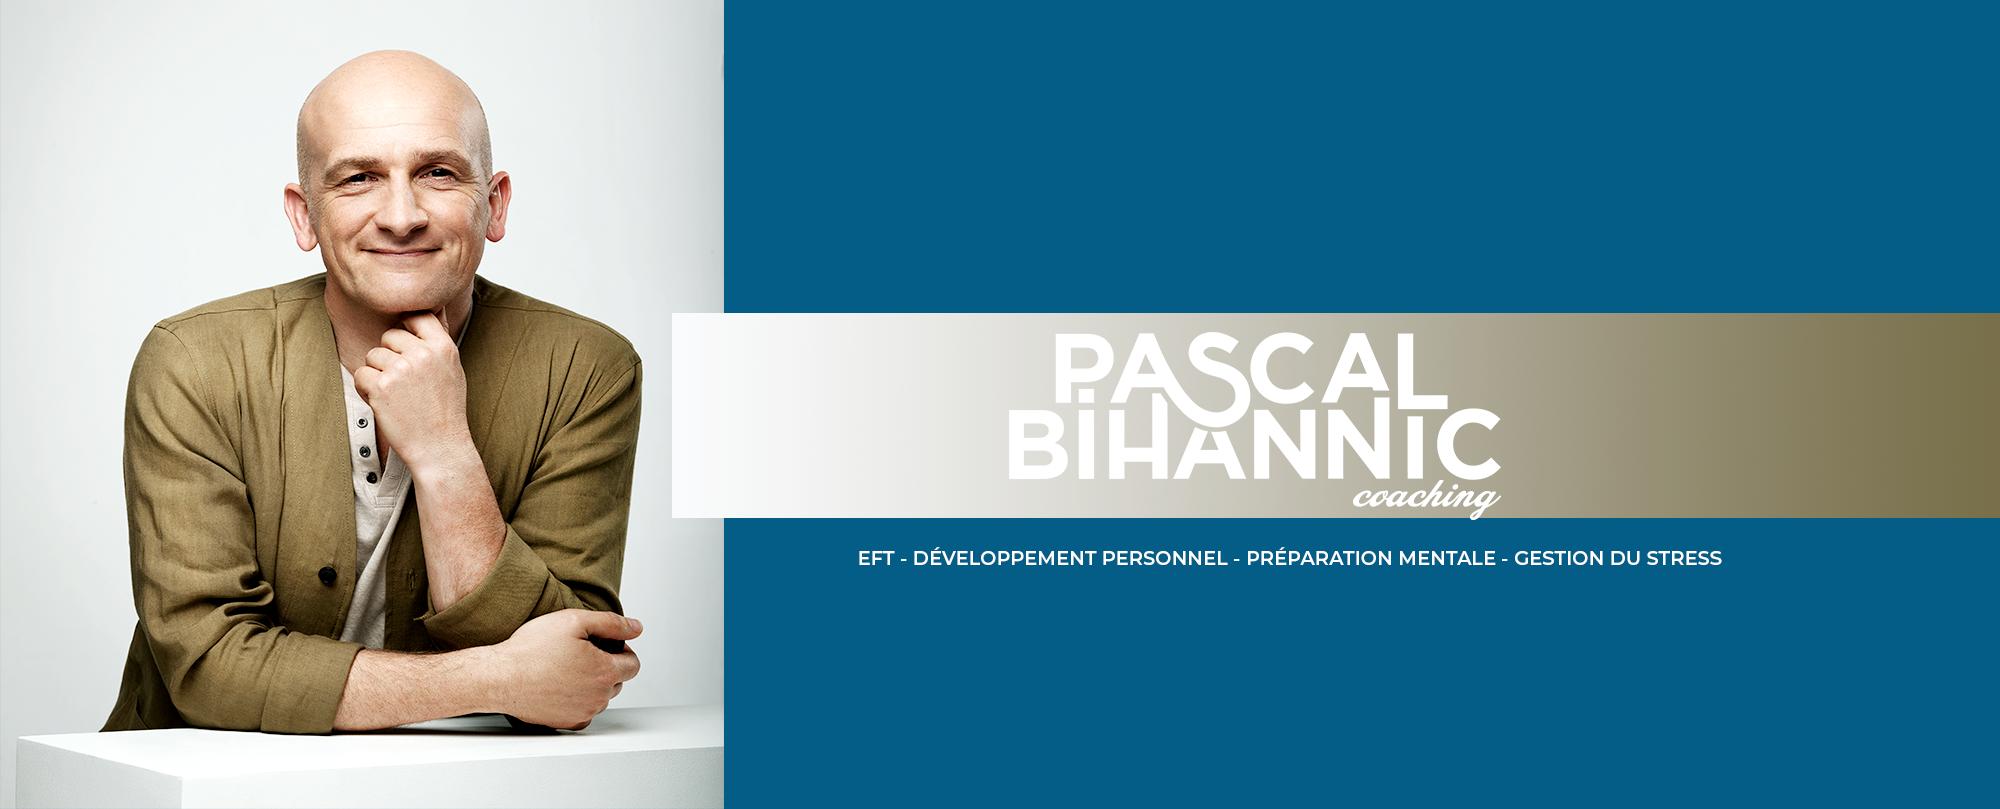 Pascal Bihannic Coaching